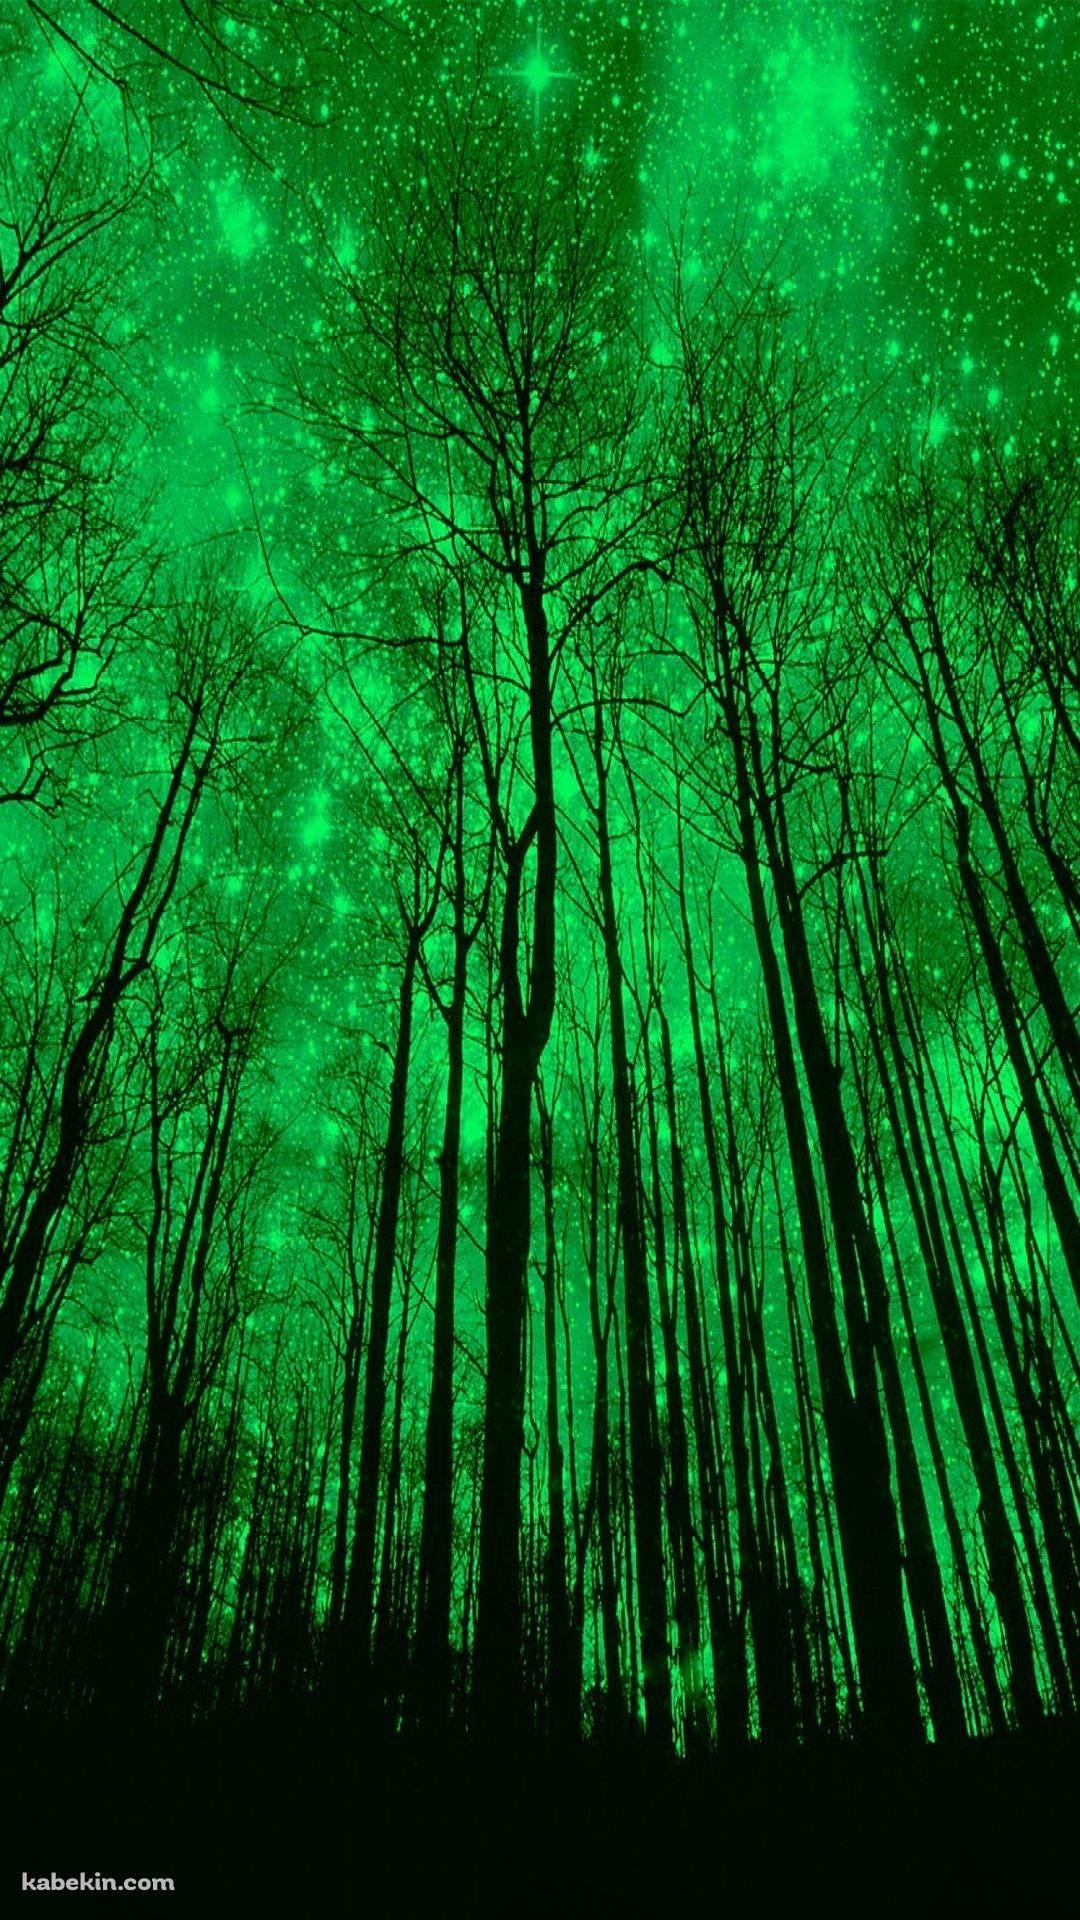 緑に輝くの森のiphone壁紙 Iphonex スマホ壁紙 待受画像ギャラリー 森の壁紙 緑 壁紙 ファンタジーな風景